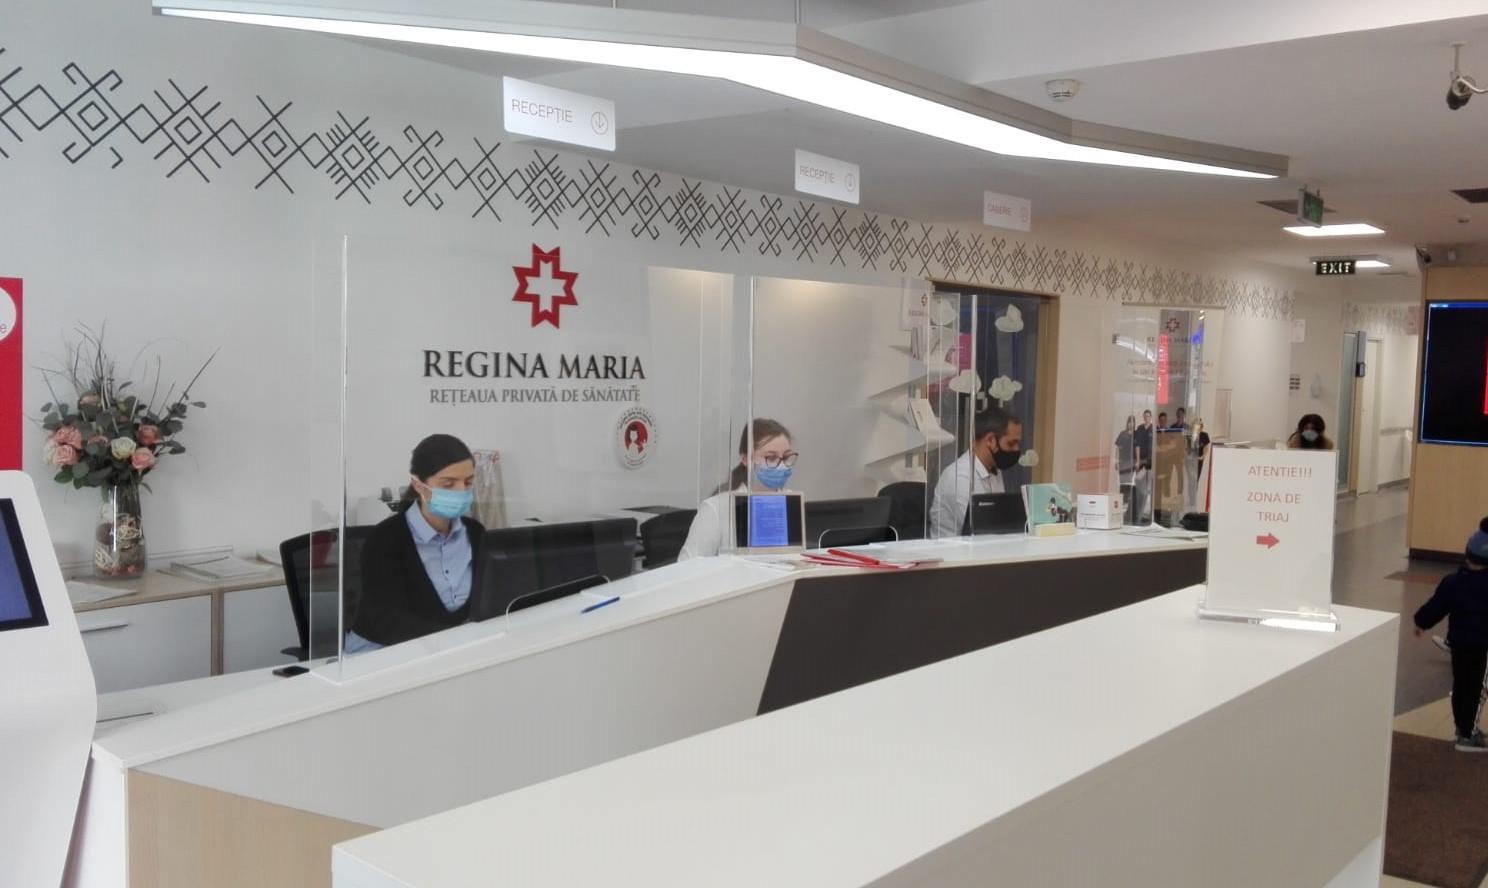 Reteaua de sanatate REGINA MARIA ofera gratuit analize si consultatii post COVID-19